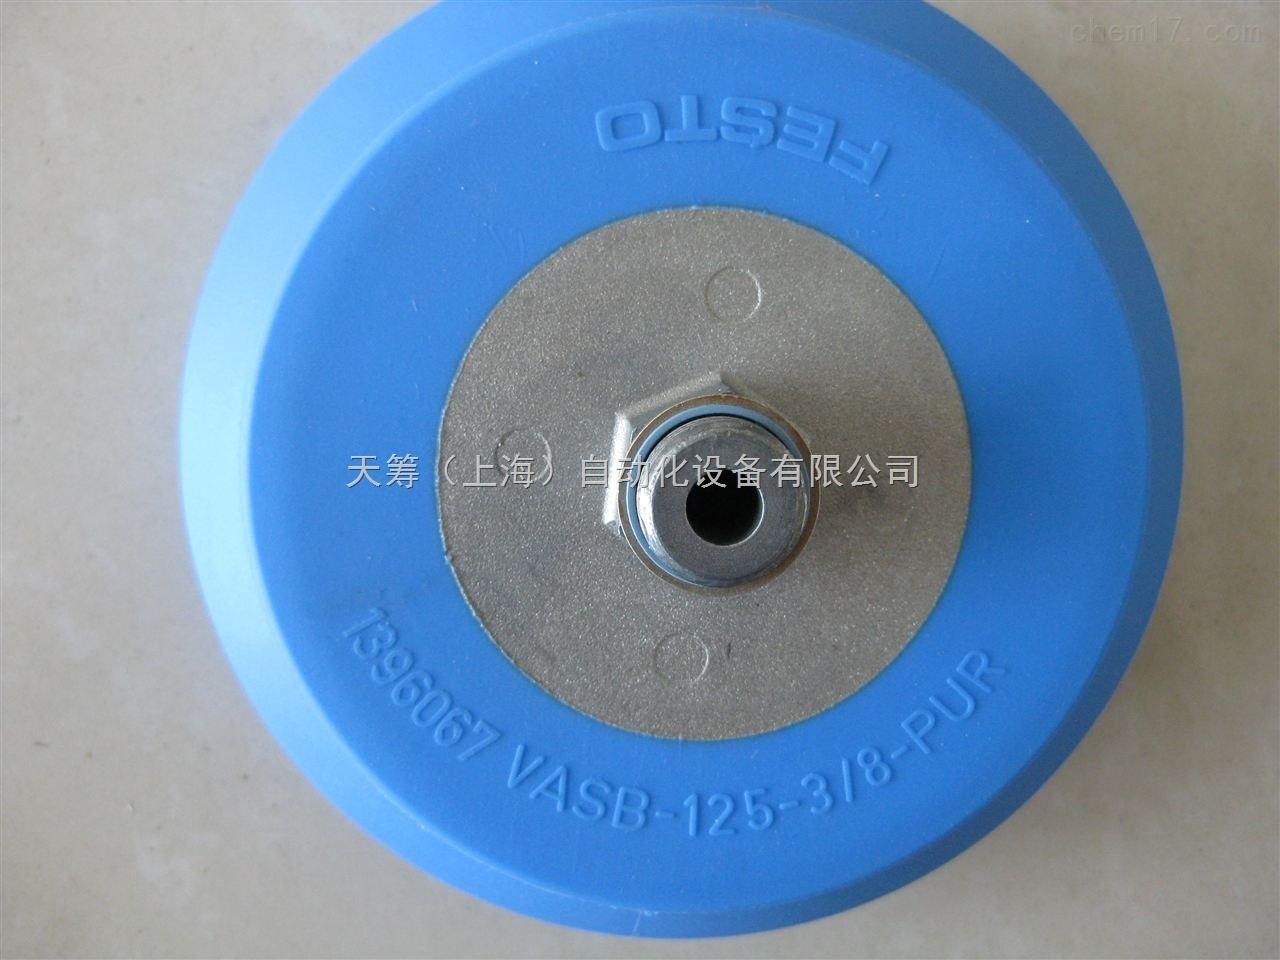 FESTO费斯托完整的吸盘组件VASB-125-3/8-PUR-B